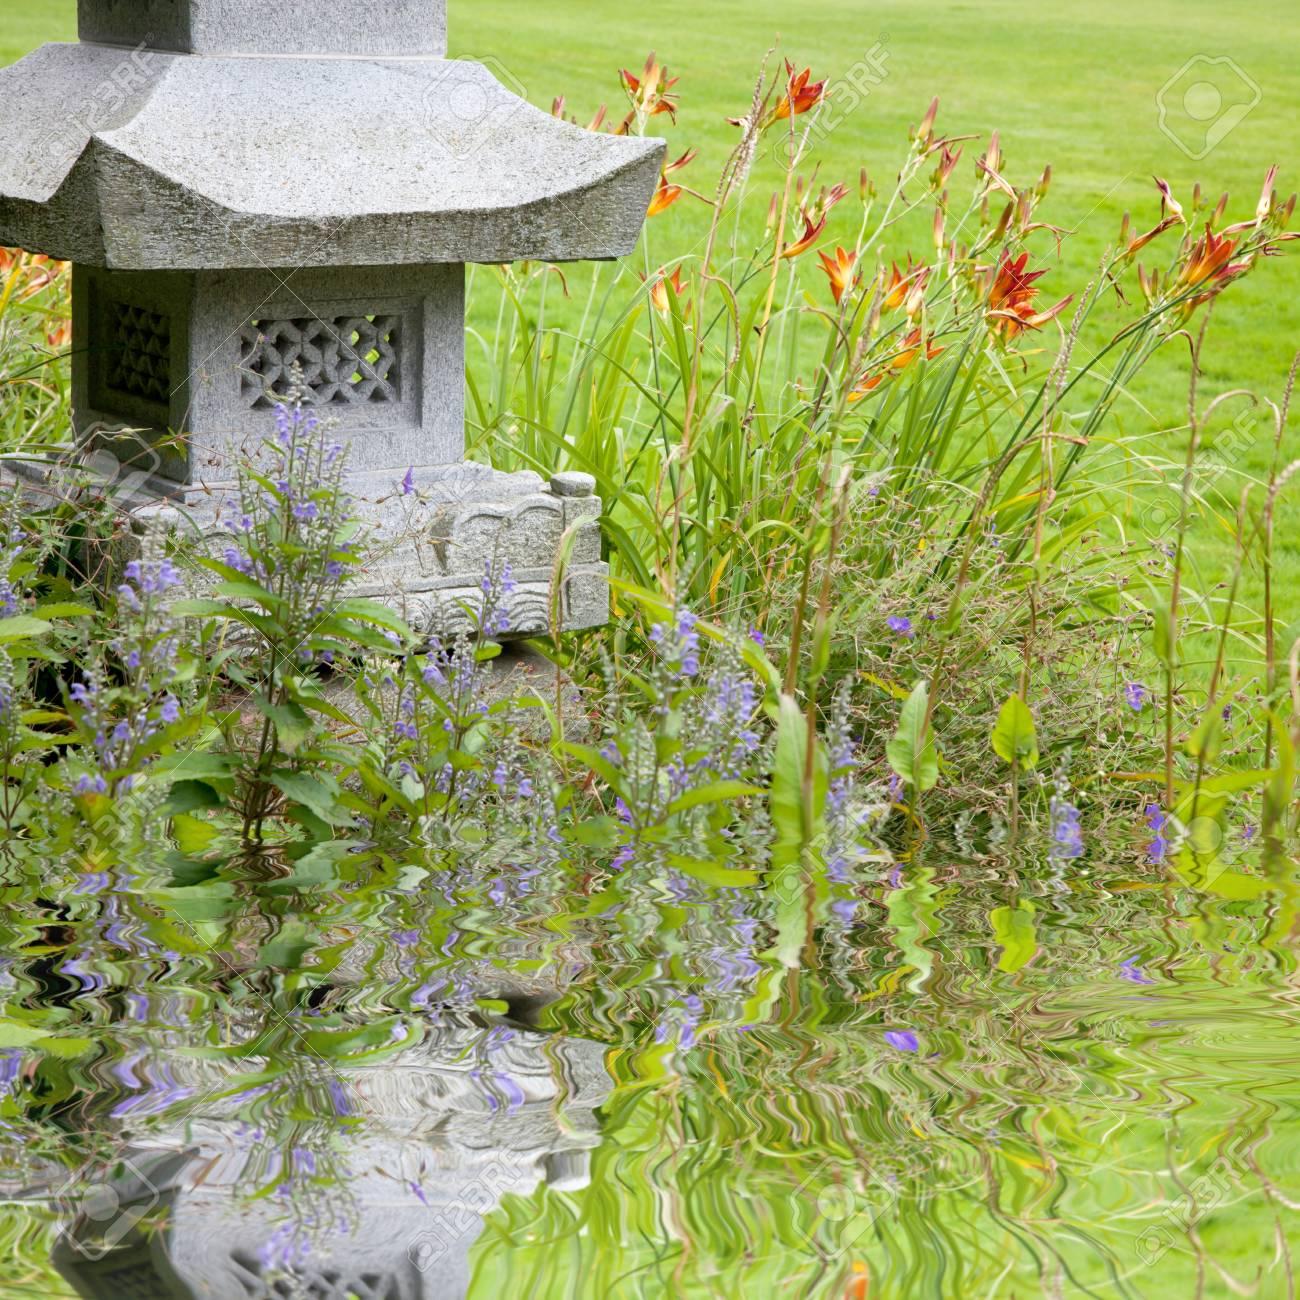 Full Size of Gartenskulpturen Steinguss Kaufen Schweiz Holz Garten Skulpturen Stein Buddha Skulptur Beton Metall Berlin Aus Rostigem Eisen Und Pflanzen Am Teich Drauen Garten Garten Skulpturen